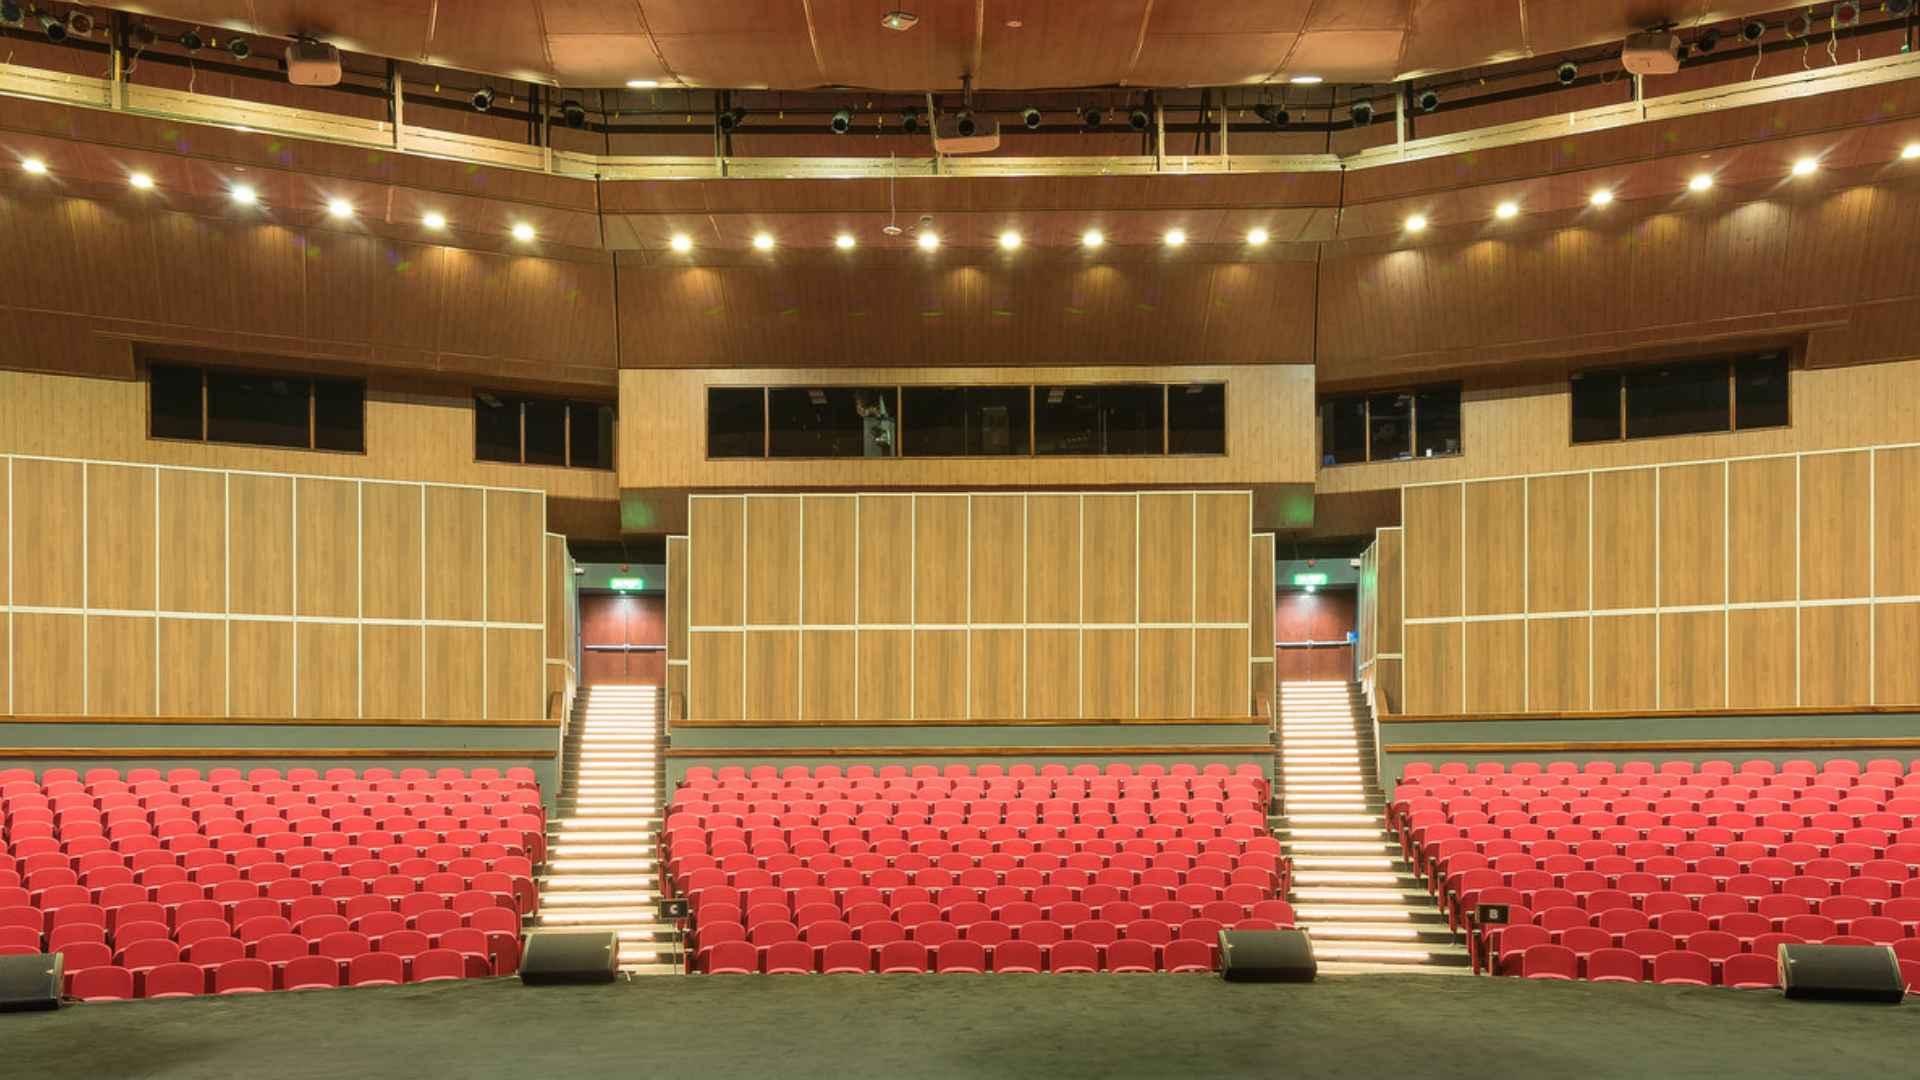 auditorioGetsemaniGallery-14